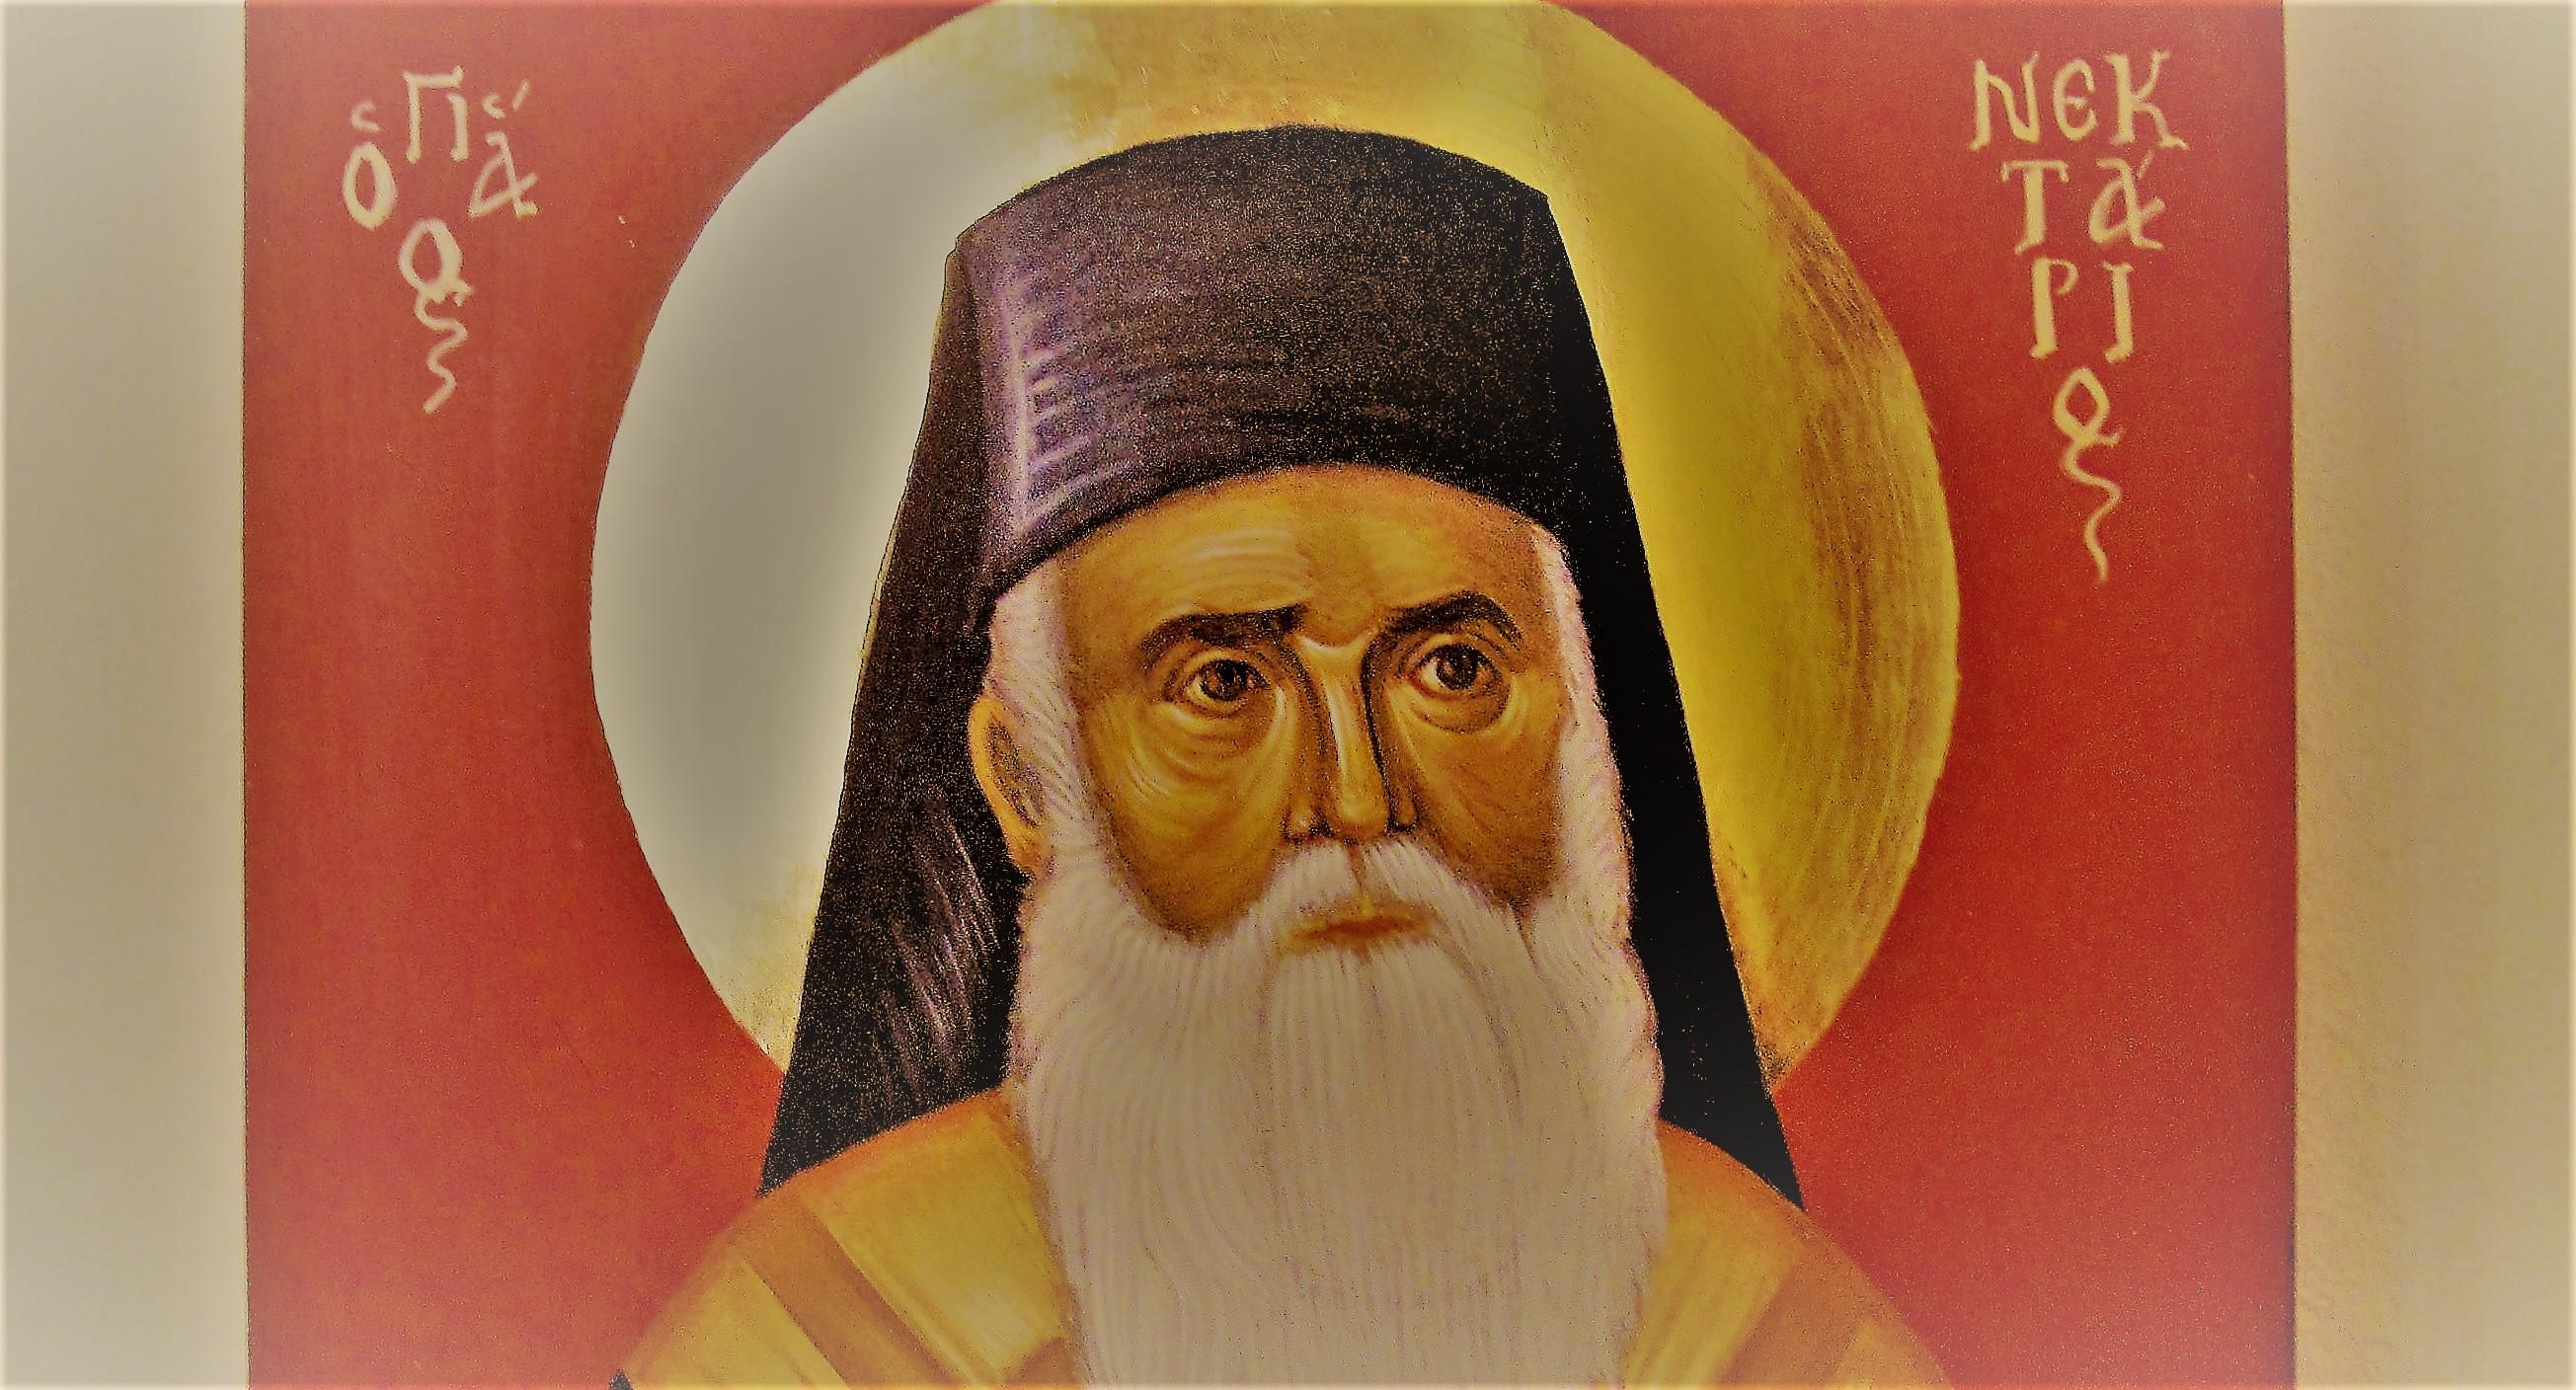 Aπίστευτο και όμως αληθινό το μεγαλύτερο θαύμα του αιώνα έγινε στην Ρουμανία. Άγιος Νεκτάριος